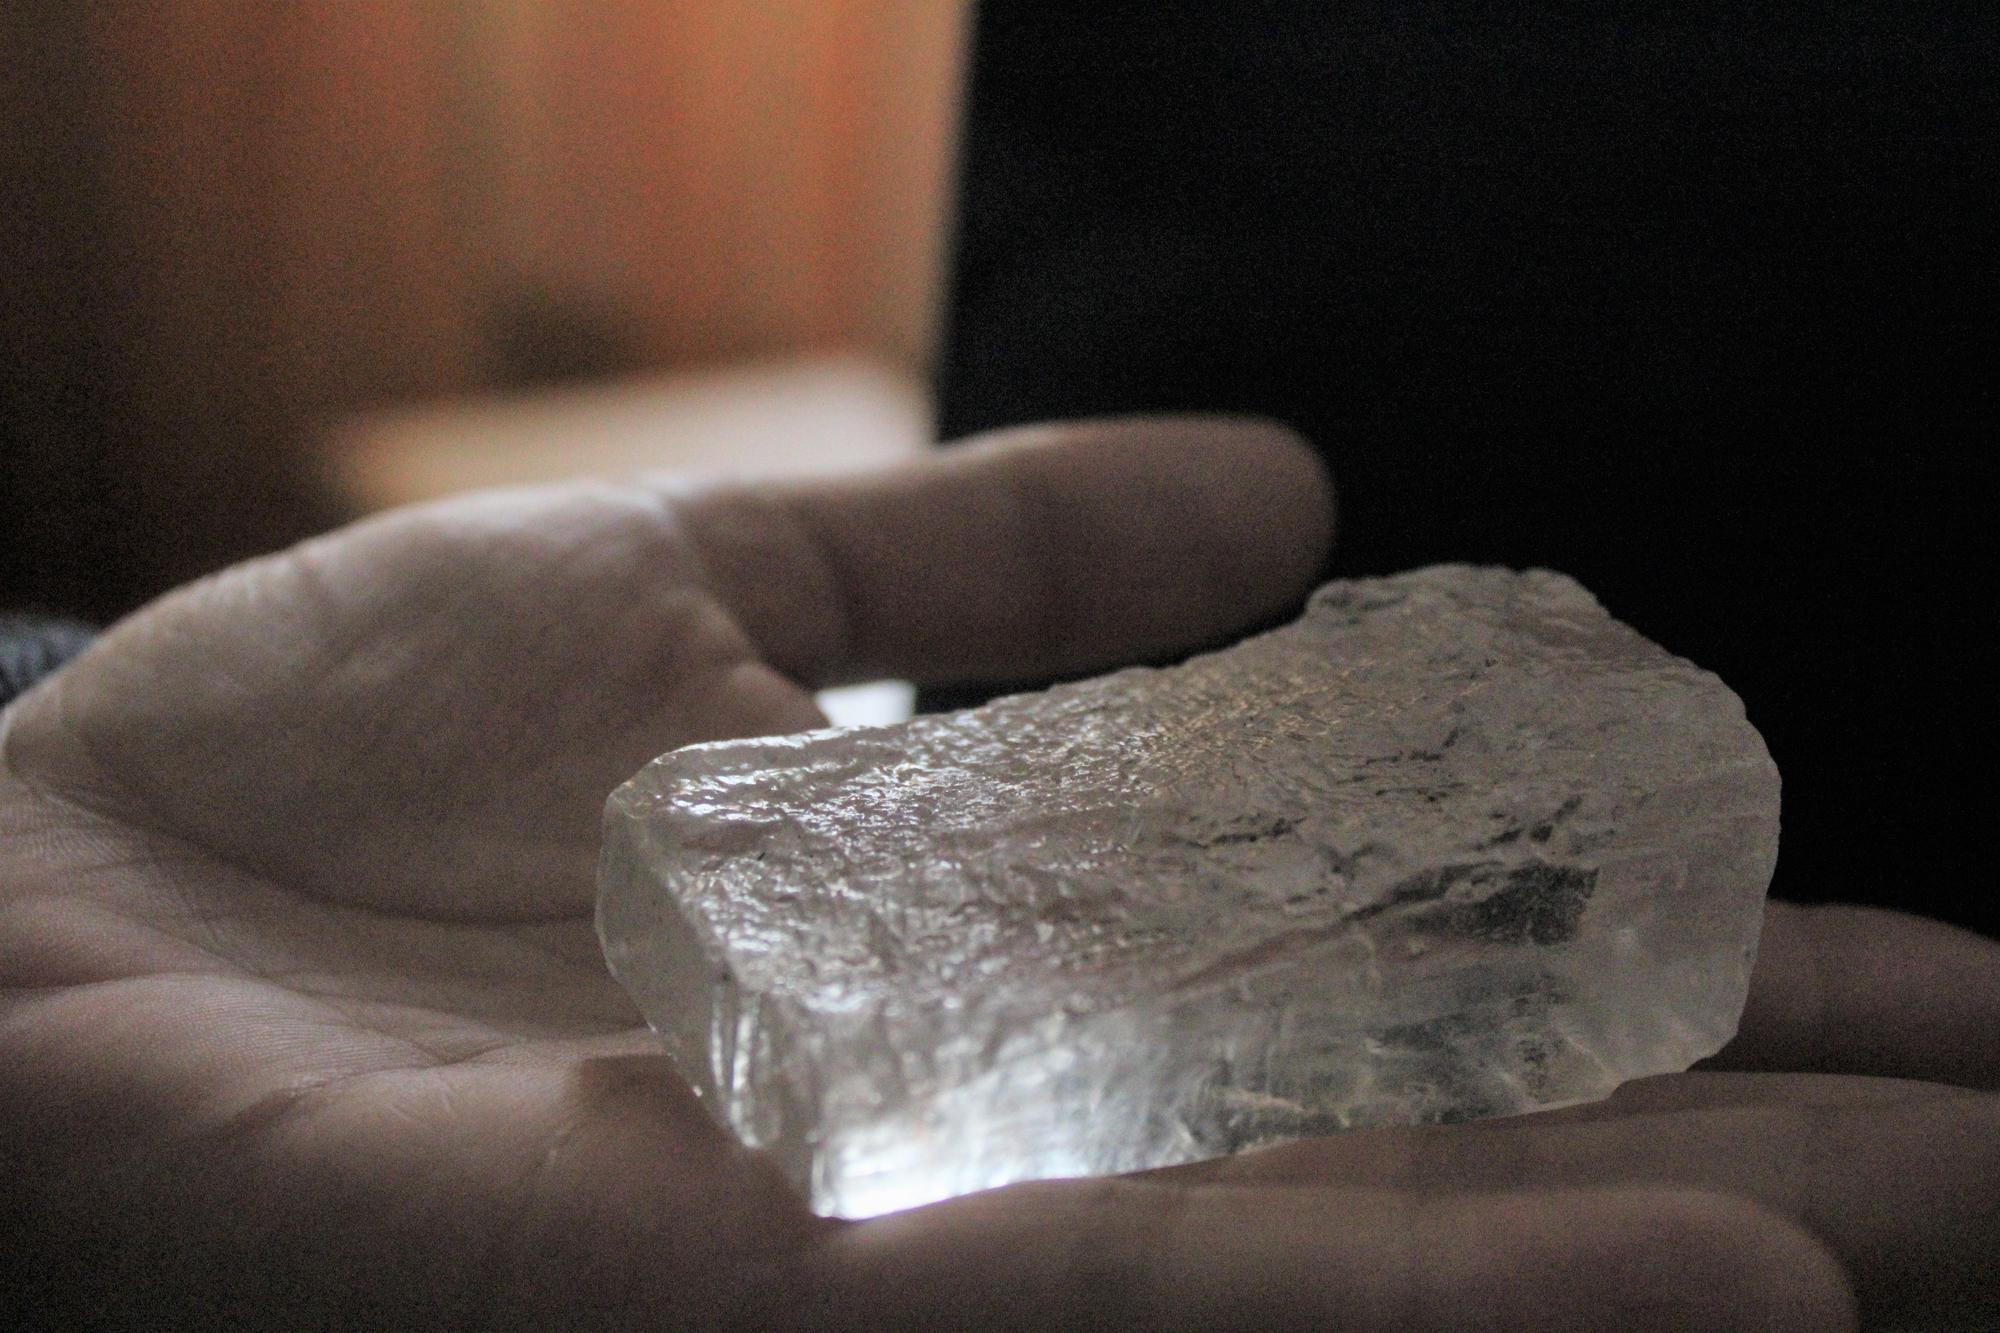 кристал кам'яної солі на долоні